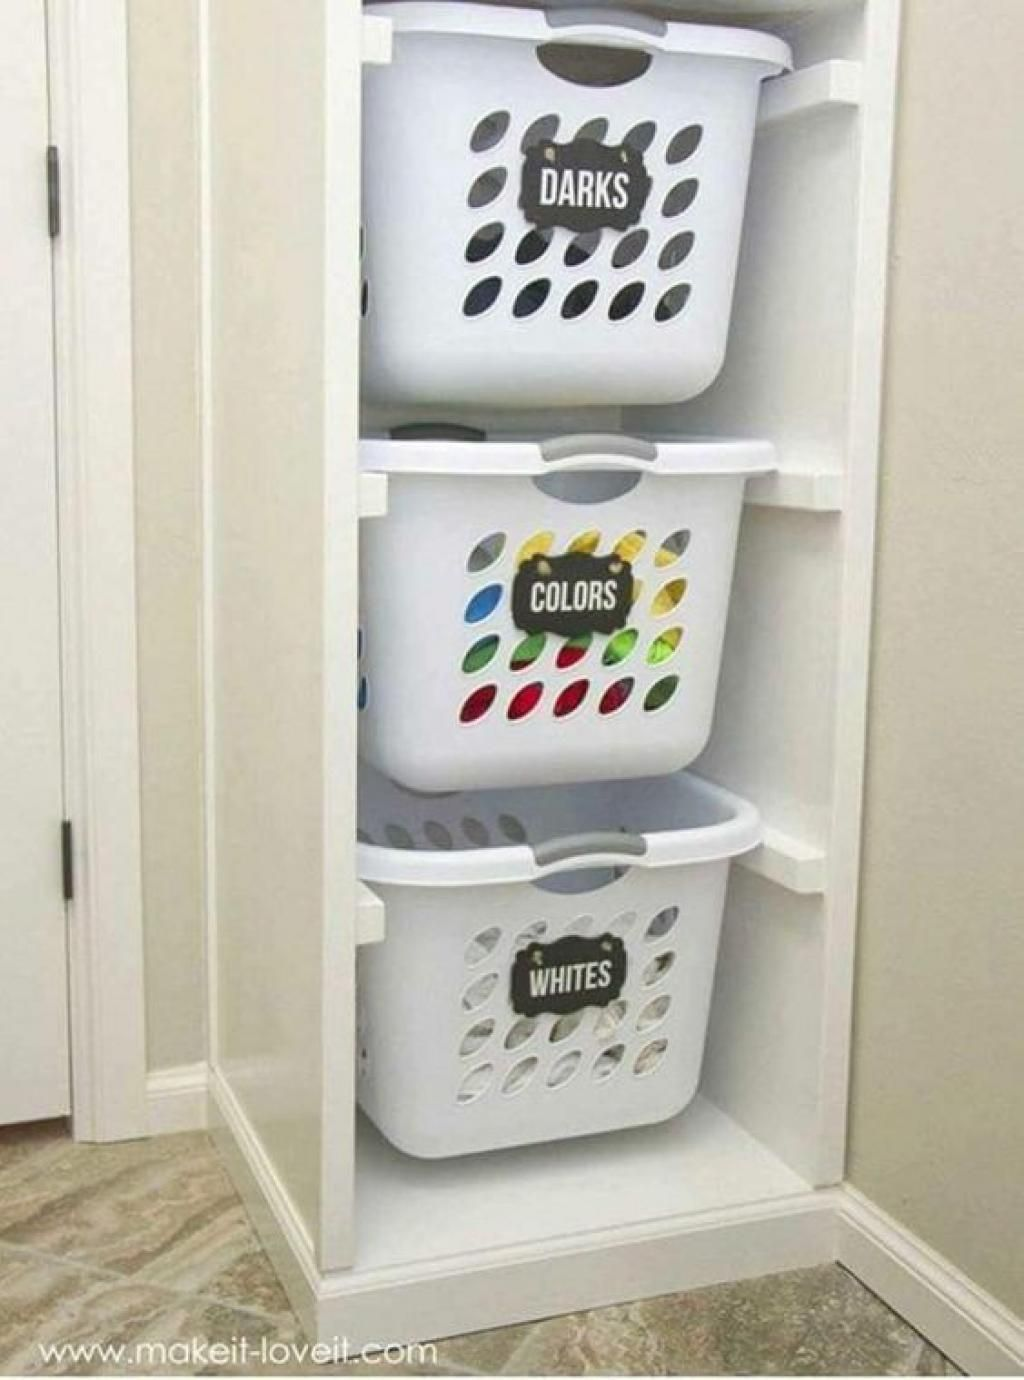 15 astuces ingénieuses pour organiser la salle de lavage pour qu'elle soit vraiment pratique! #décorationmaison